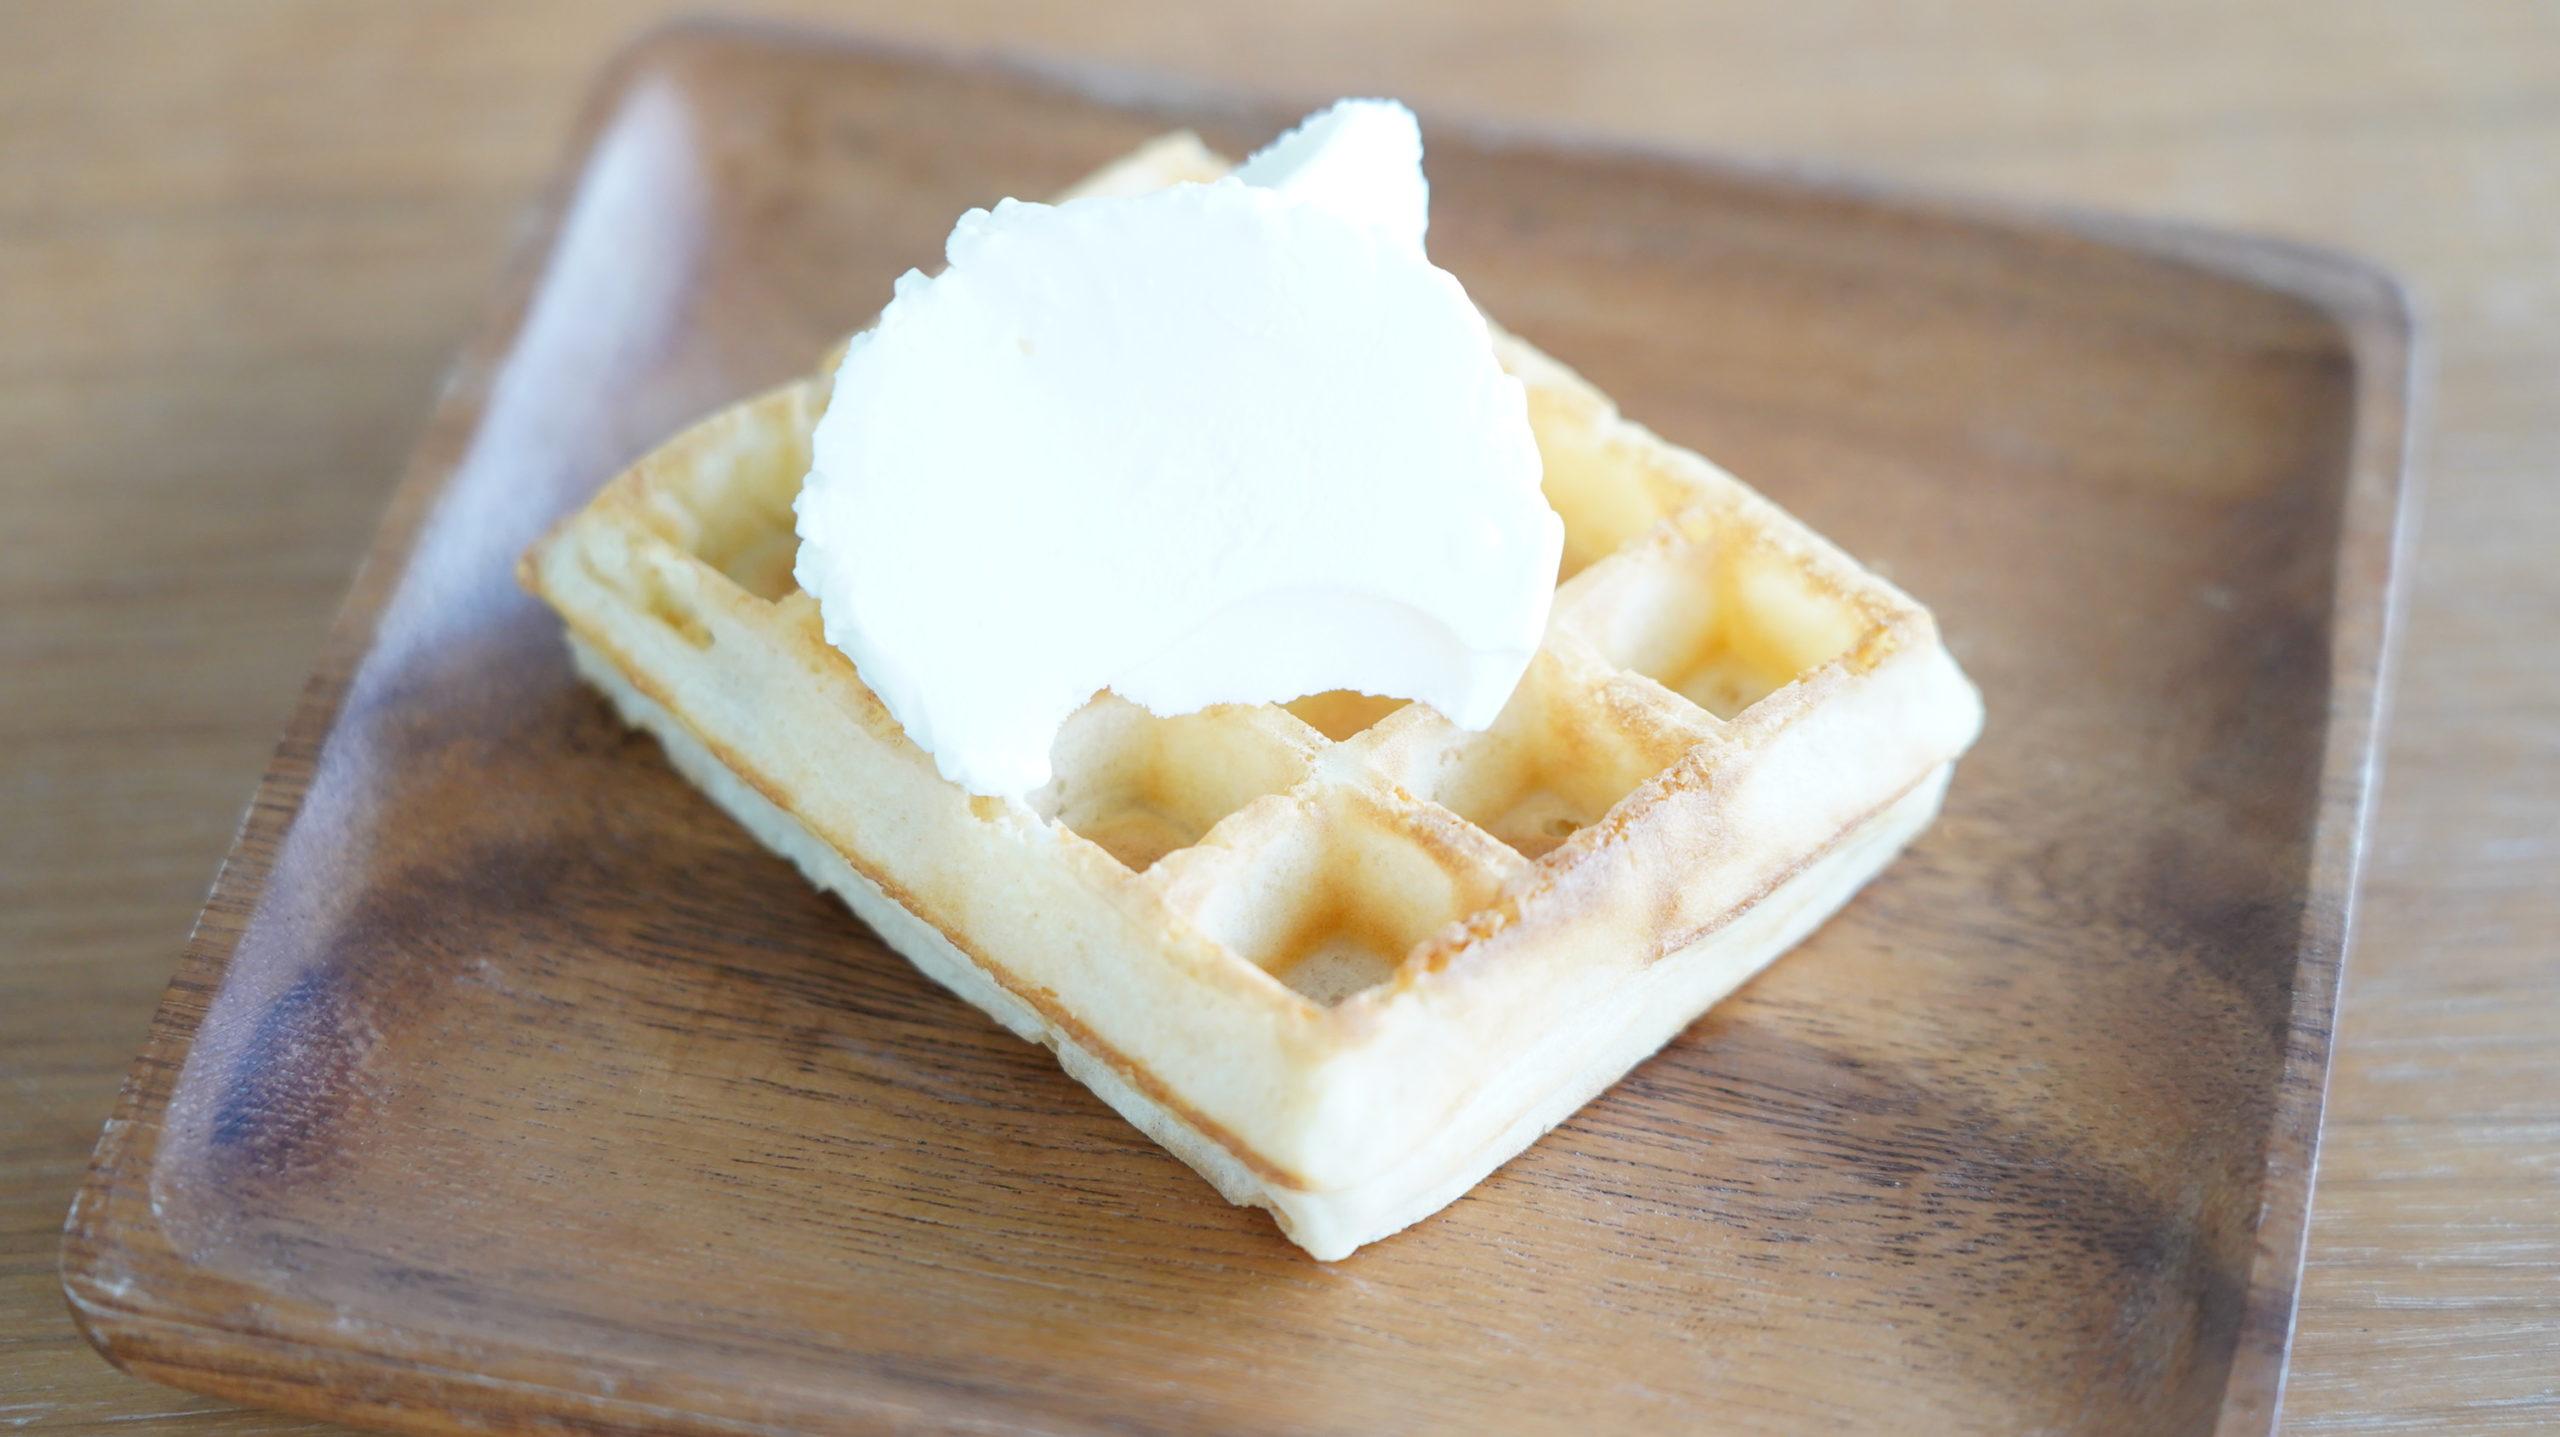 ピカールのおすすめ冷凍食品「冷凍ワッフル」にバニラアイスクリームを乗せた写真